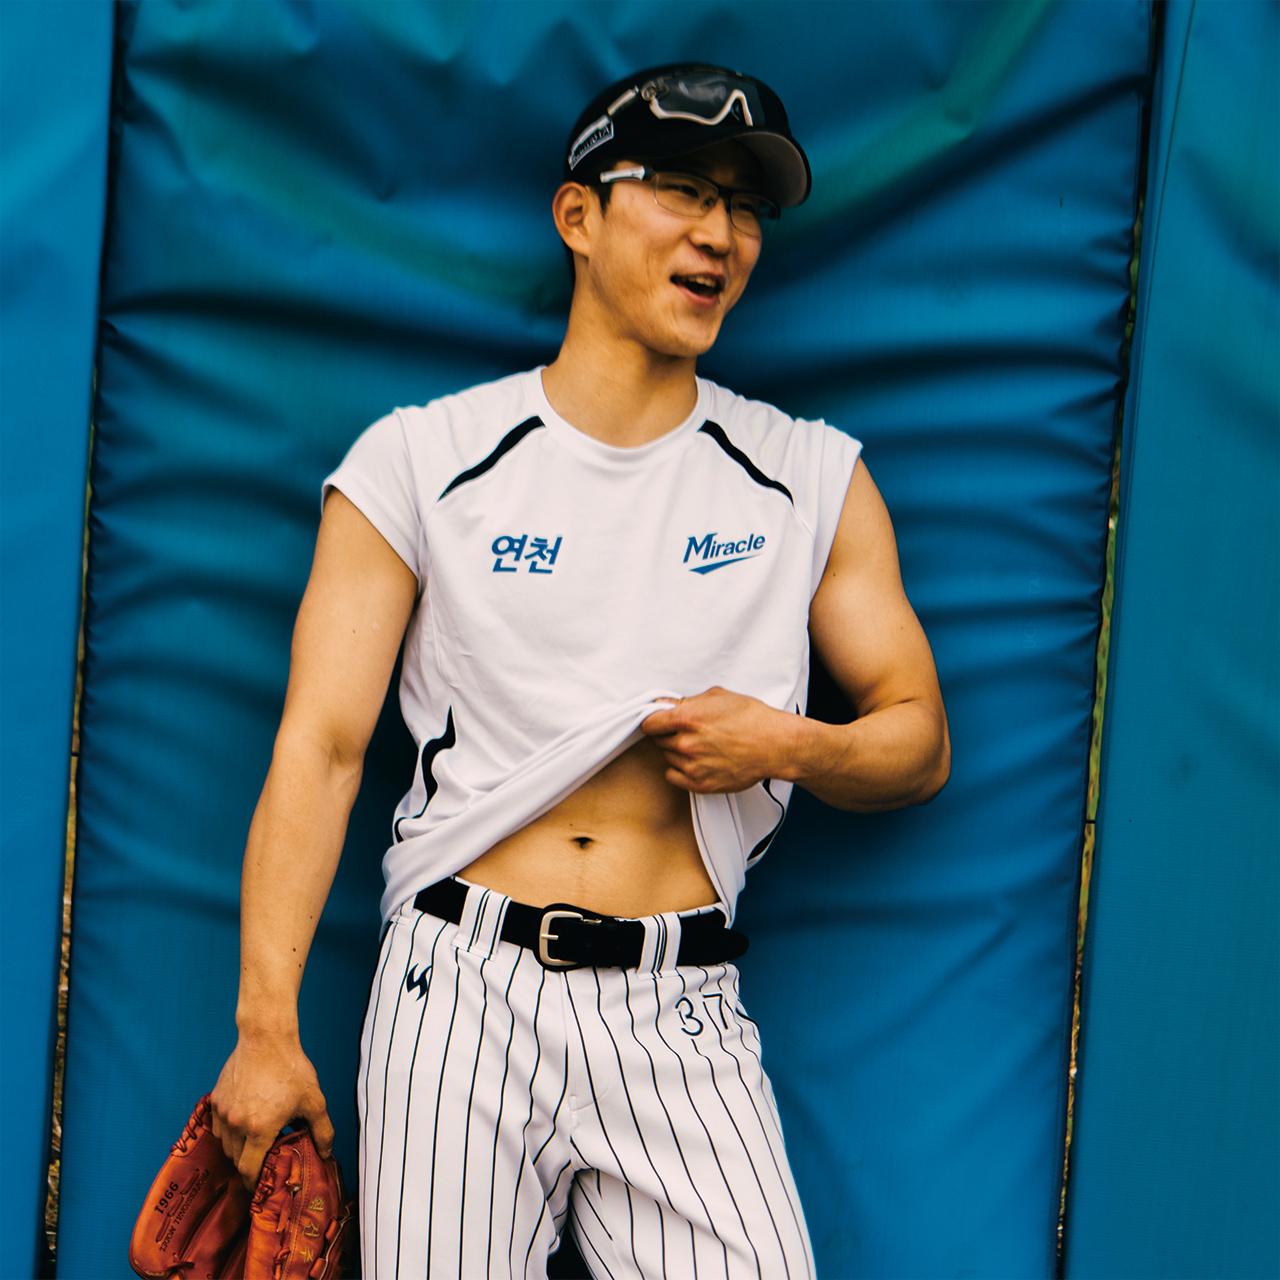 """<strong>황건주(59번, 1989년생), 투수</strong><br/>""""투구 폼을 연습하고 트레이닝해서 생각한 대로 됐을 때가 가장 좋습니다. 야구도 중요하지만 인성도 중요해요. 야구에 대한 열정이 있는 진지한 선수로 기억되고 싶습니다."""""""